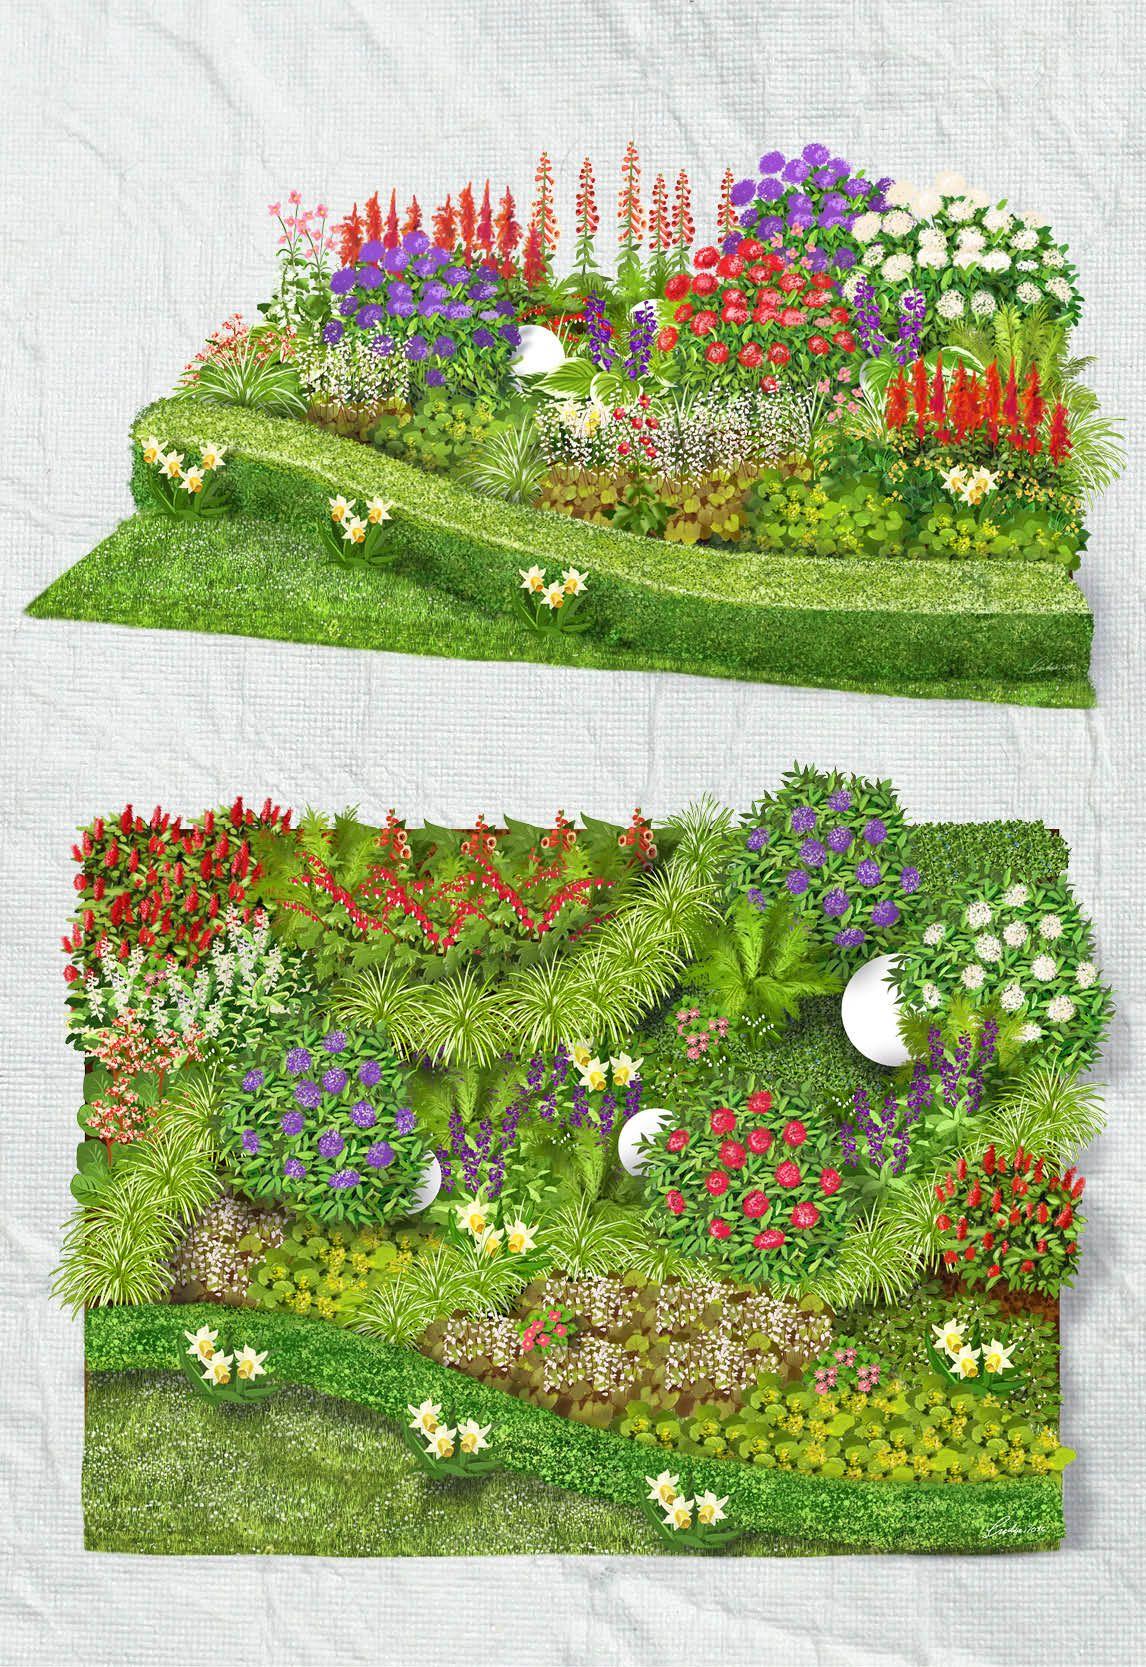 Halbschatten Und Schattenpflanzen Ratgeber Obi Garten Hortensien Garten Garten Design Plane